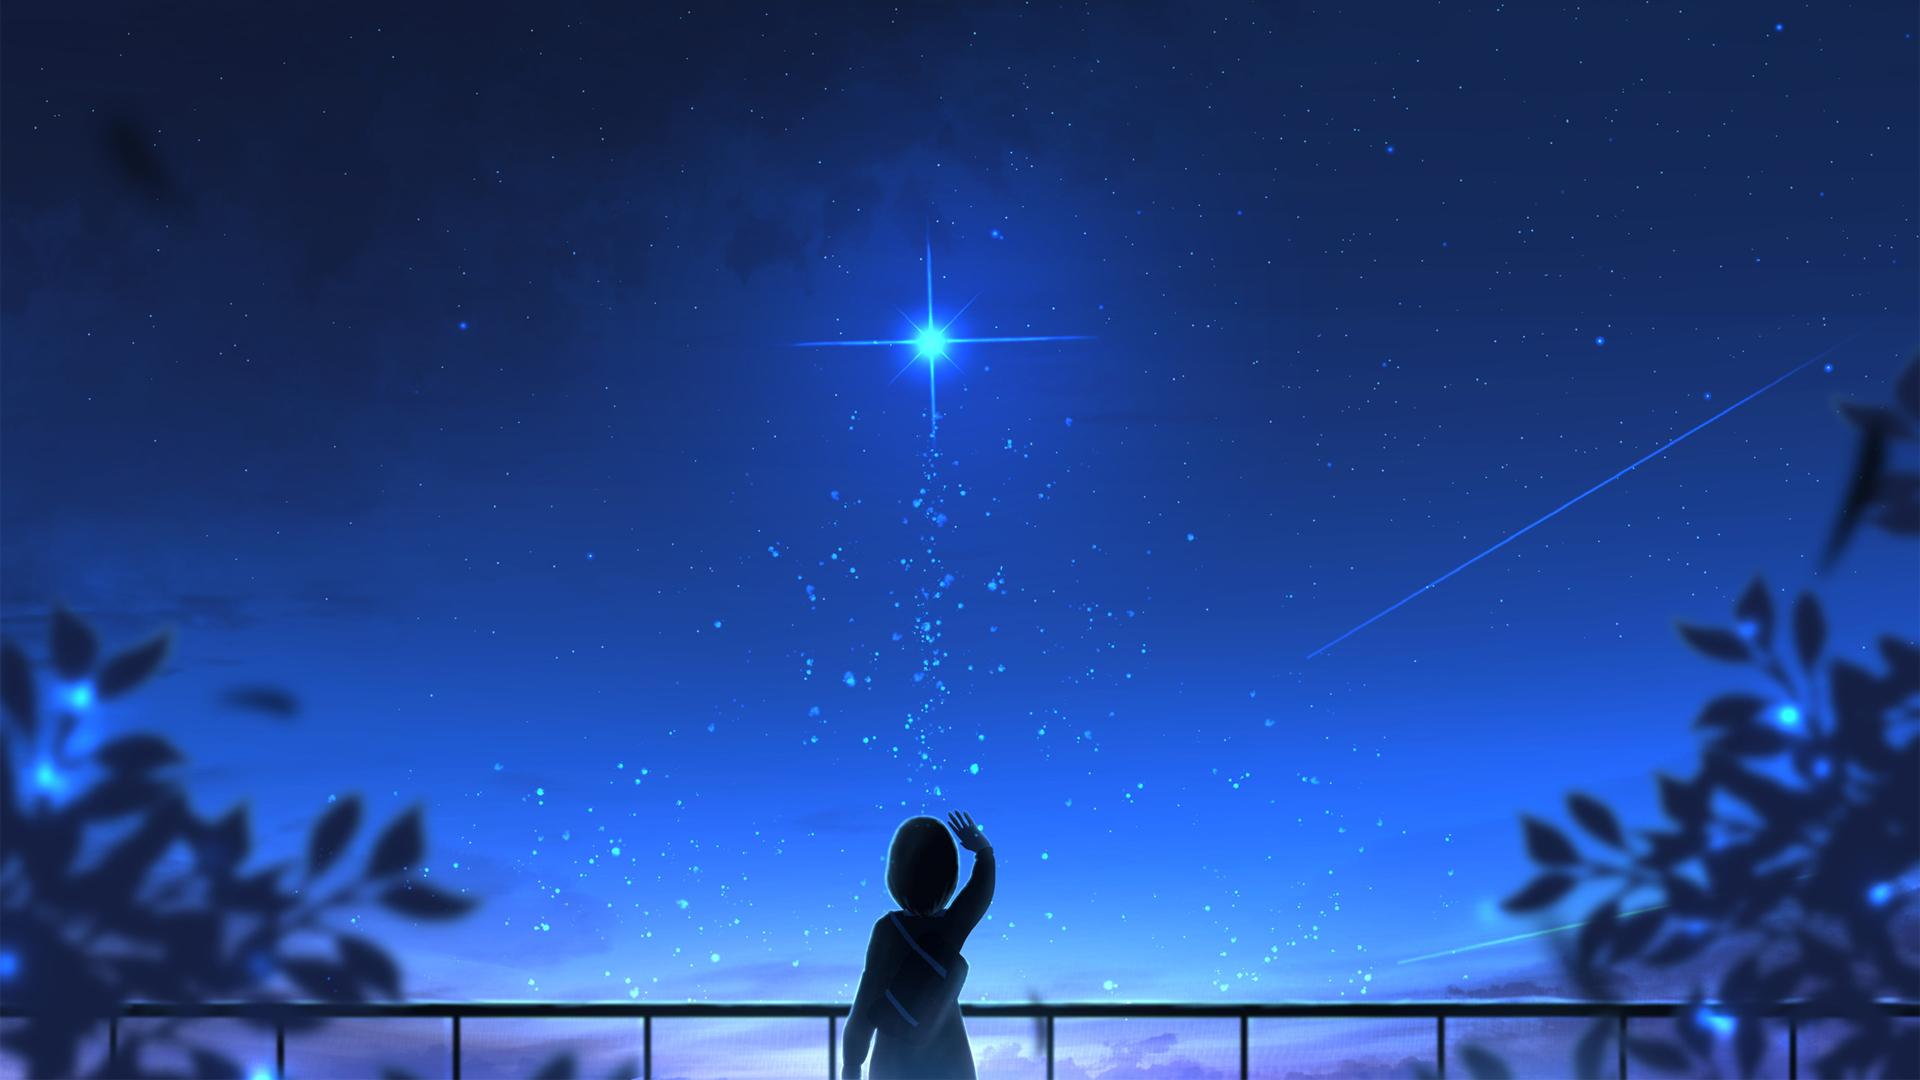 星愿 女孩子 夜空 星空 唯美动漫壁纸-动漫壁纸